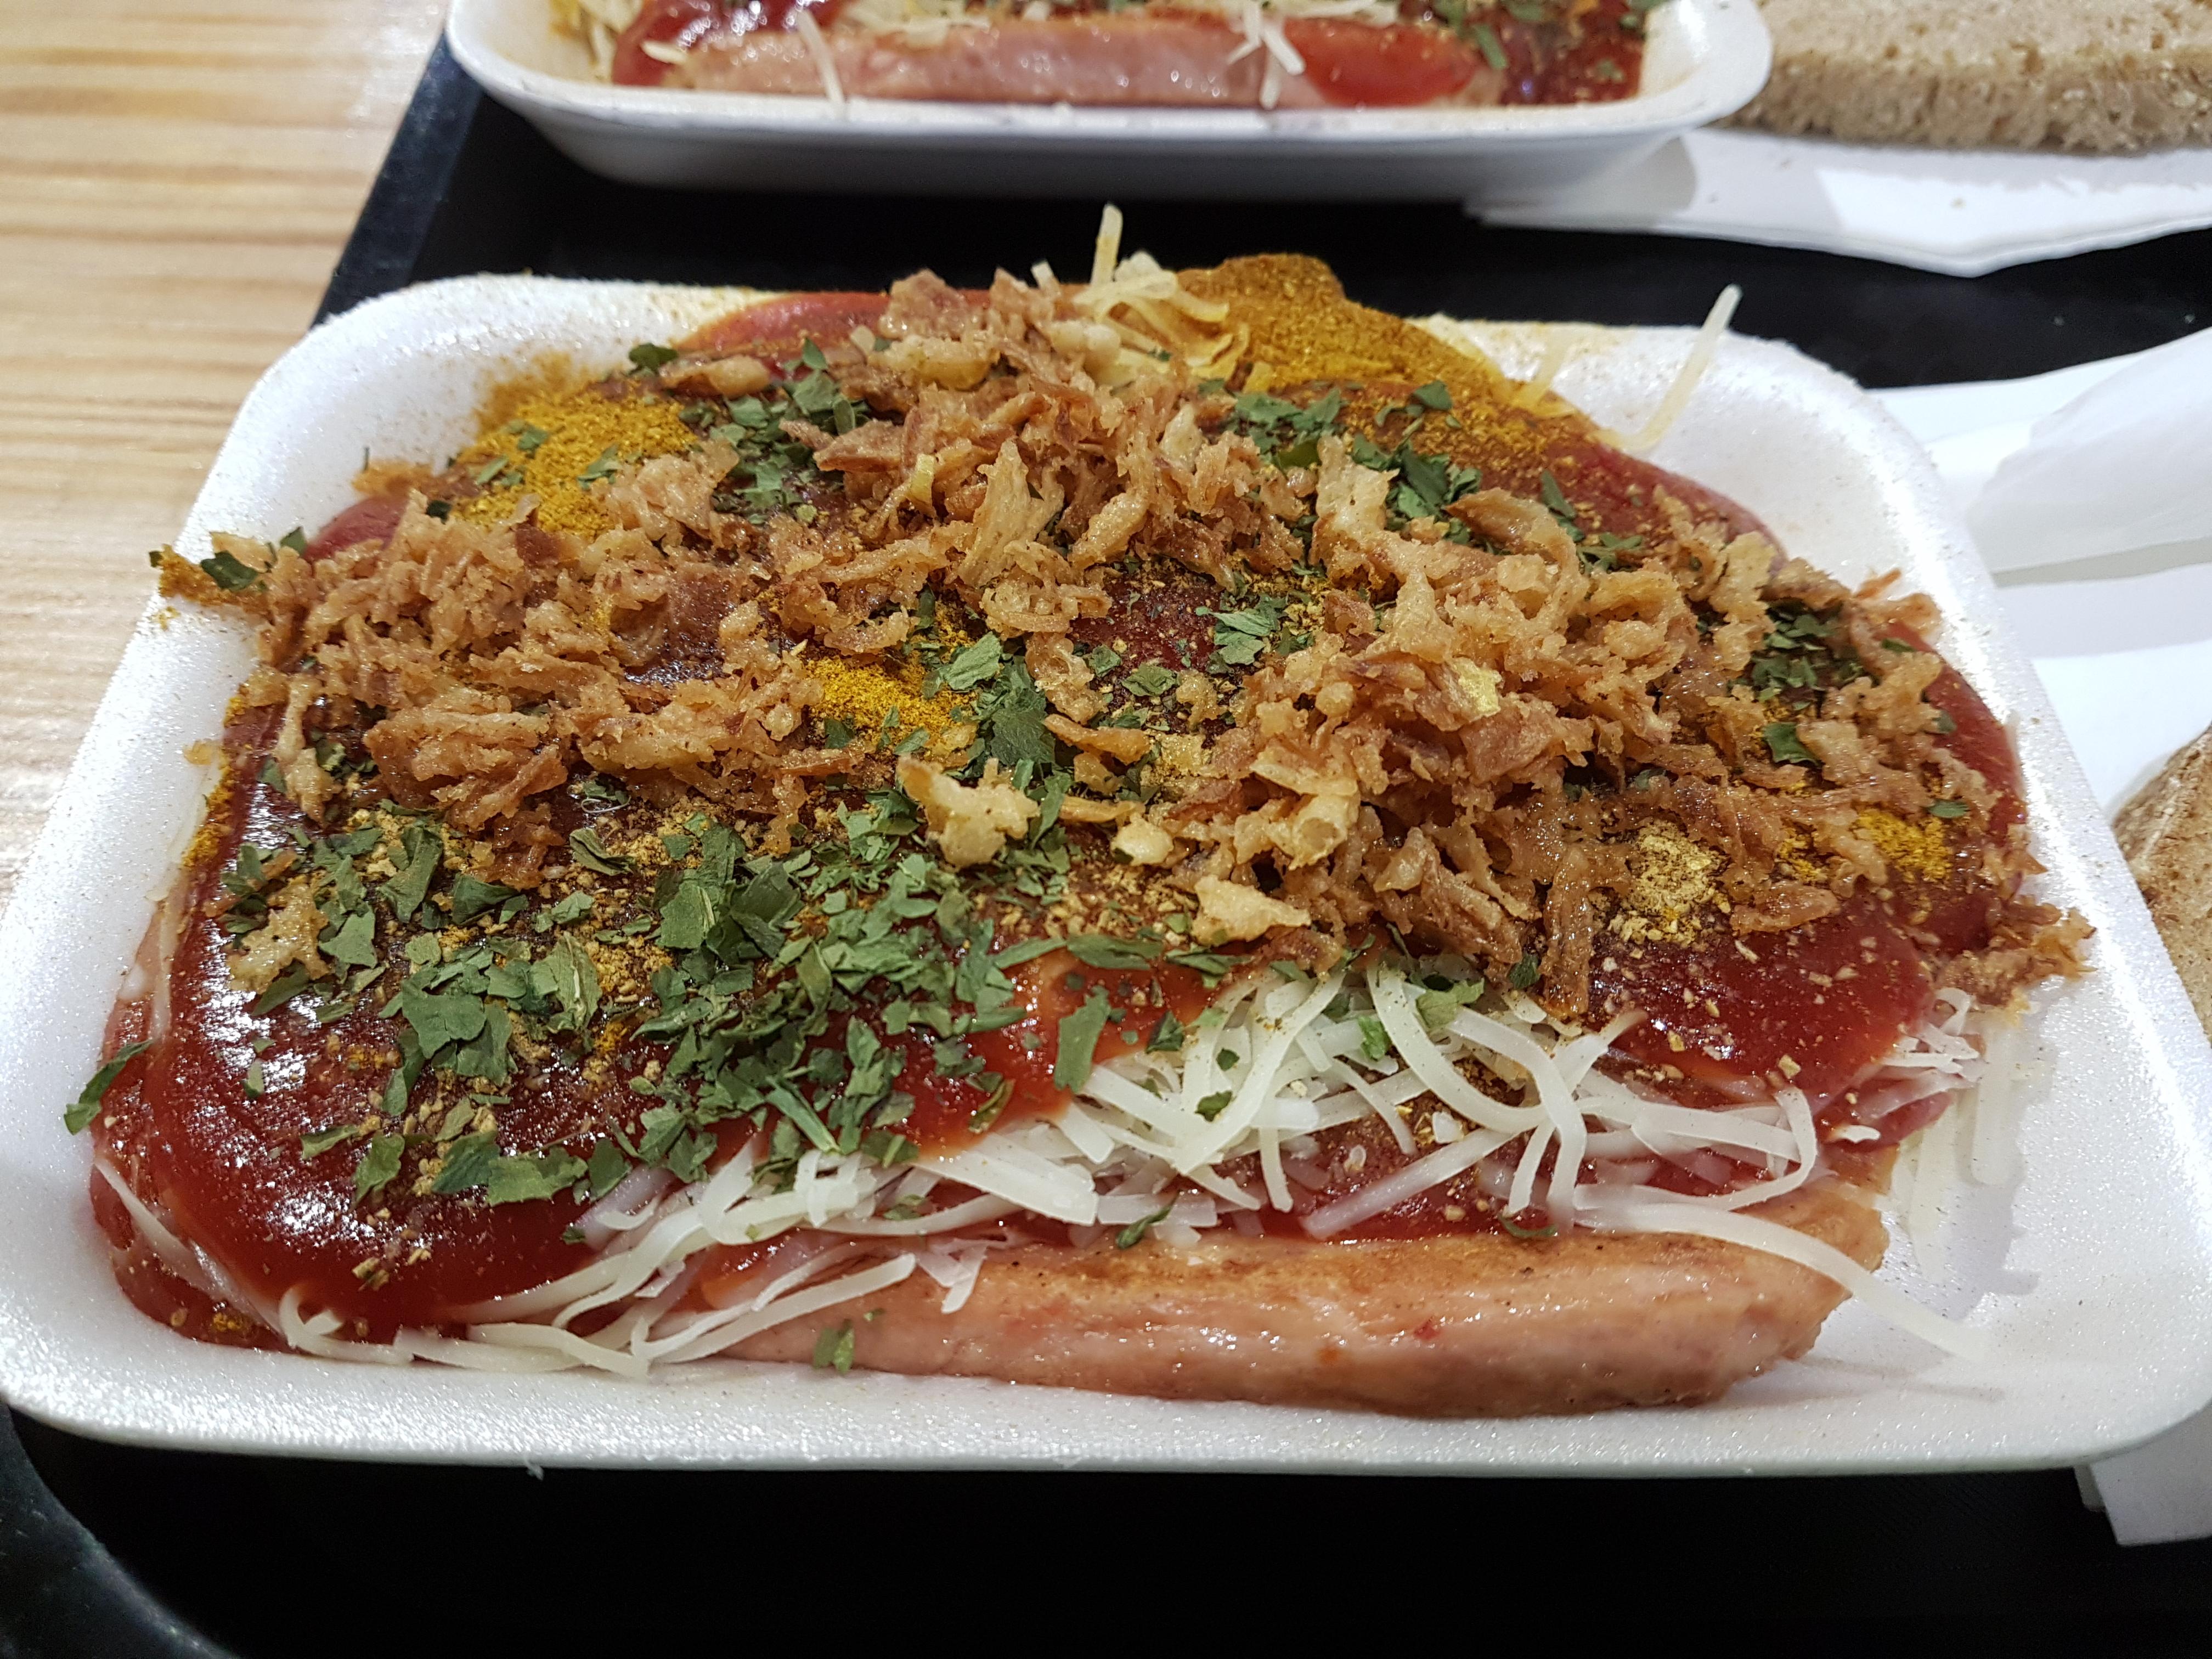 https://foodloader.net/Holz_2018-08-18_DJ_Duese_Fleischkaese.jpg